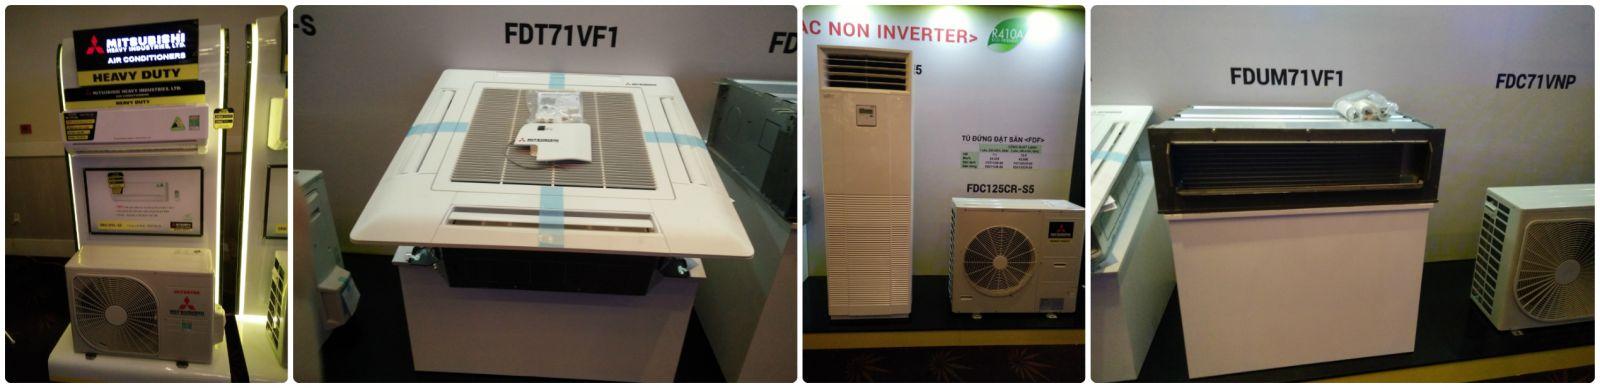 Điện tử, điện lạnh:5 máy lạnh Mitsubishi Heavy chất lượng nhất cho công trình May%20lanh%20mitsubishi%20heavy%20hlv1